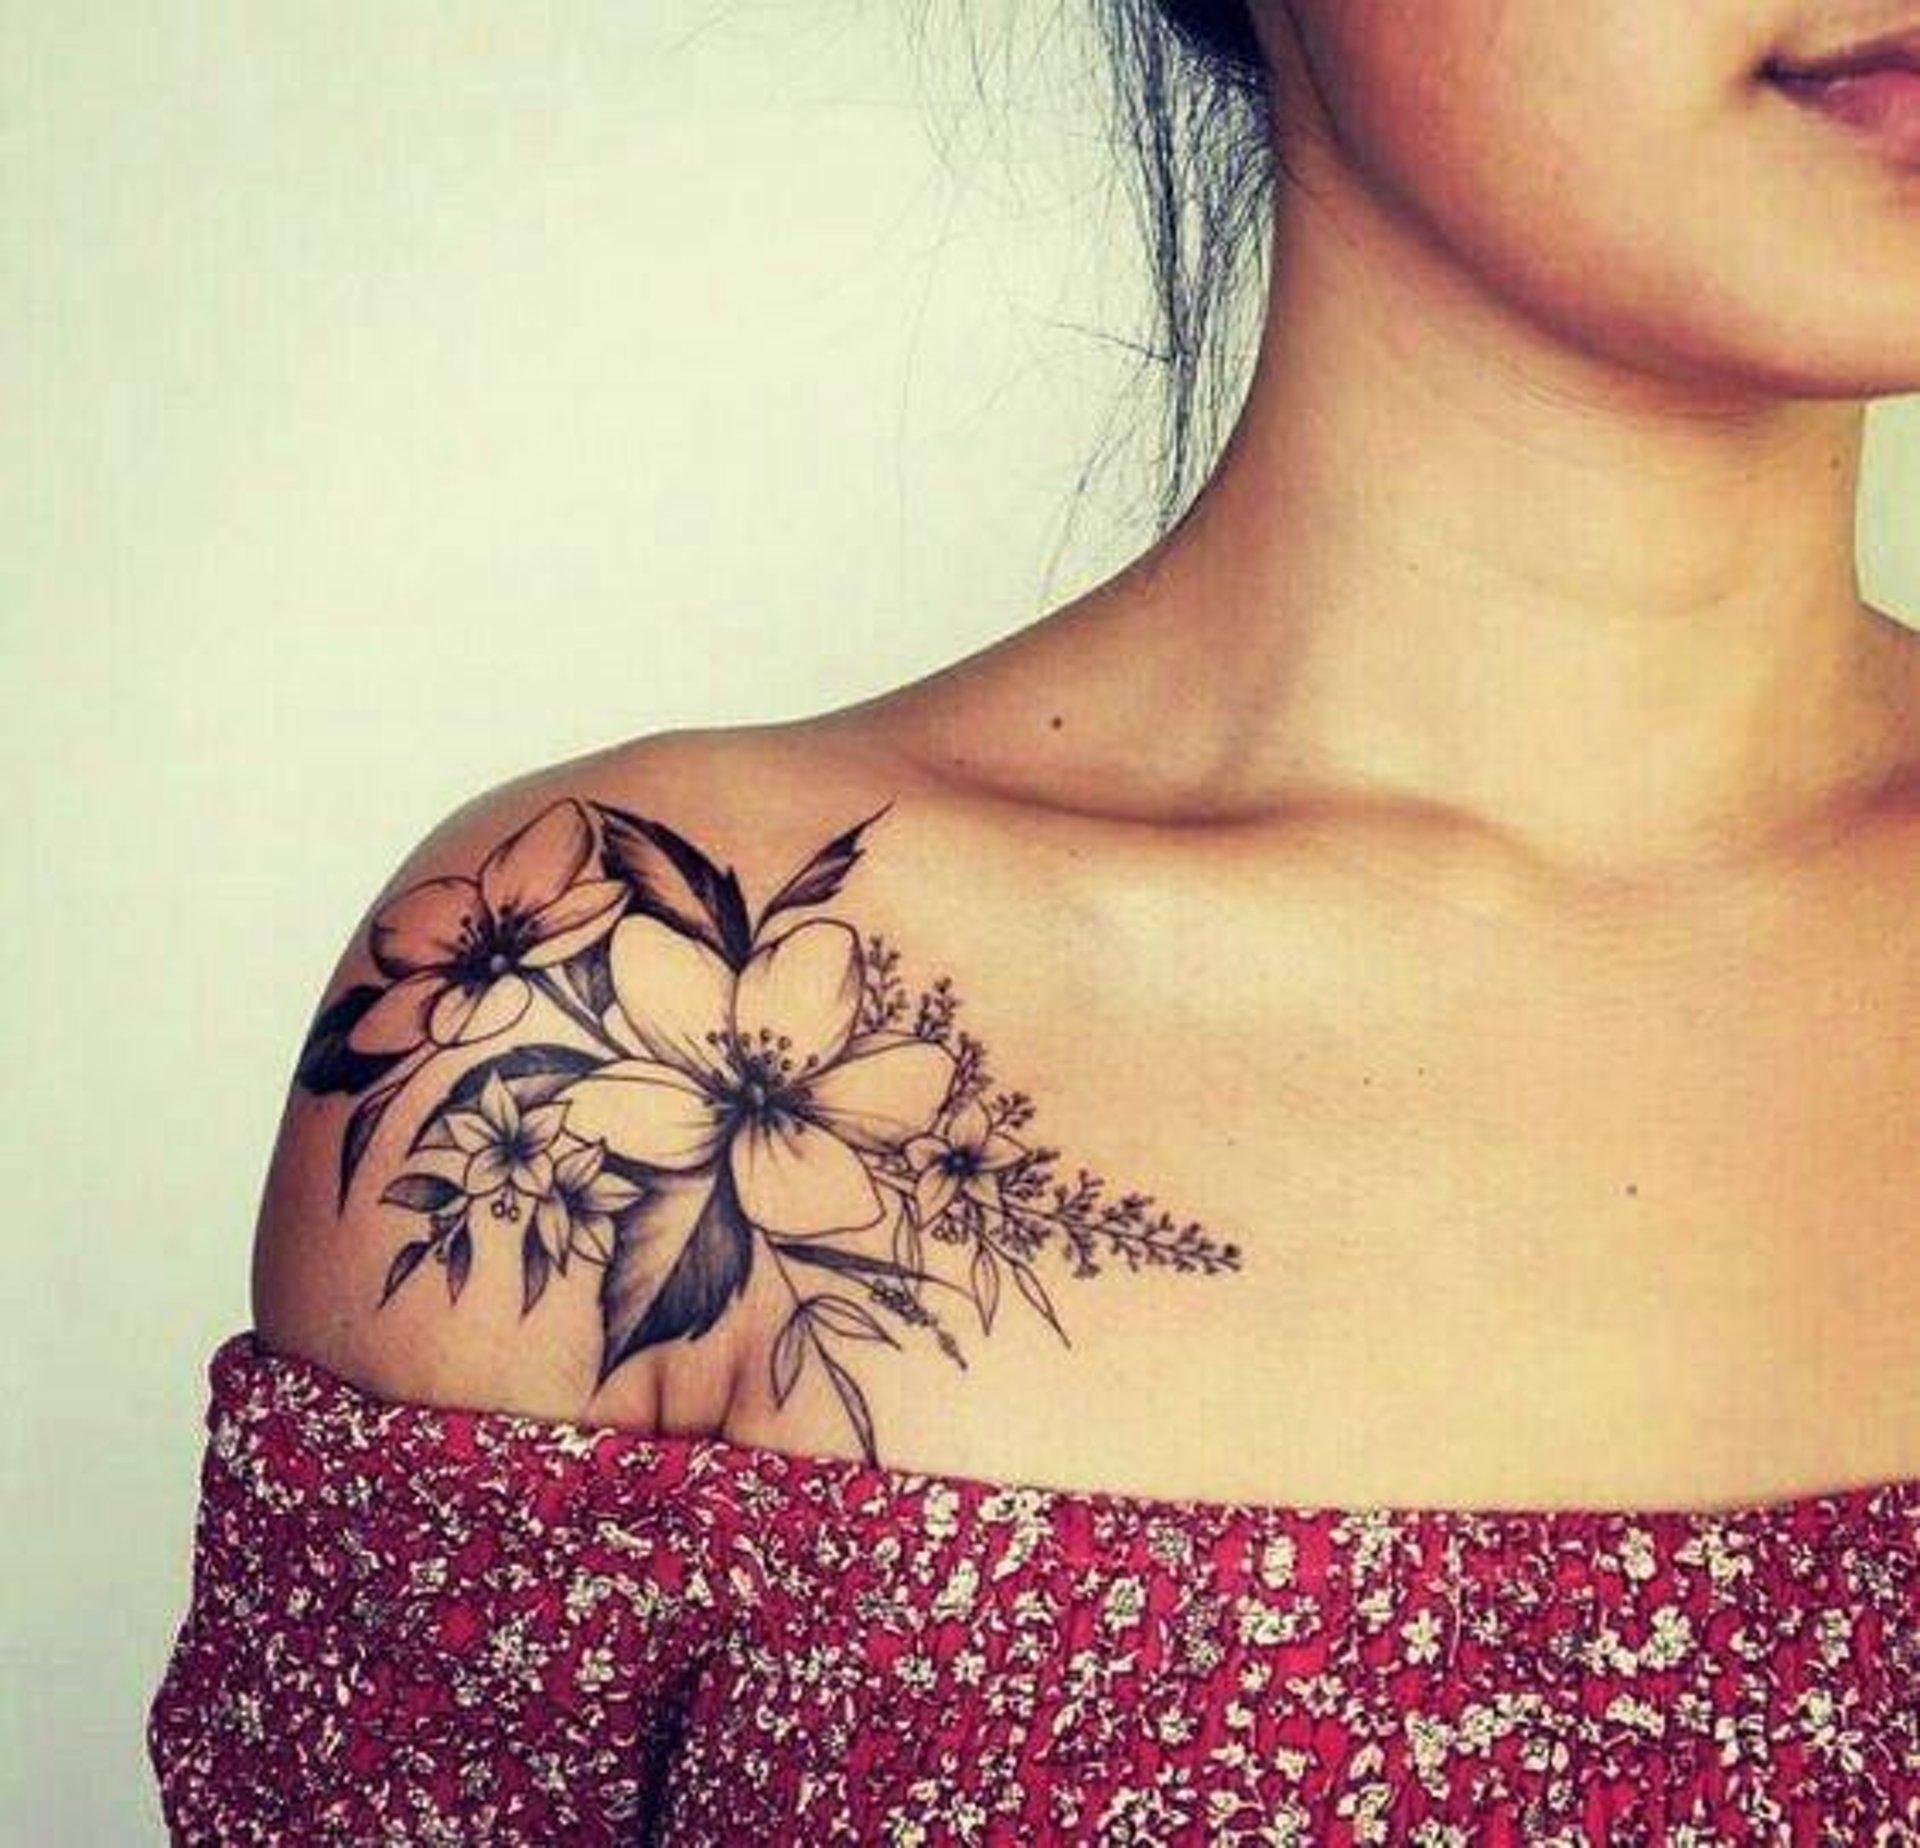 Тату-салоны в Новосибирске: наиболее модные татуировки, цены, отзывы | 1848x1920